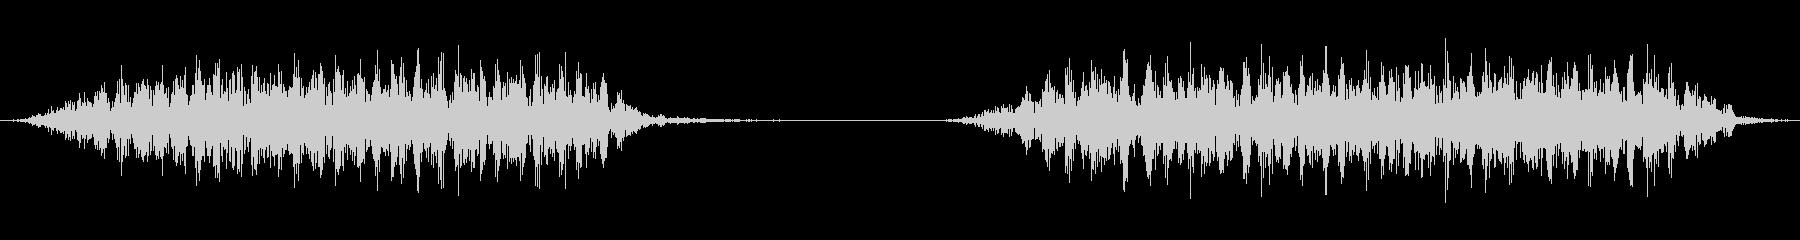 大型ライブスチームモデルトレイン:...の未再生の波形